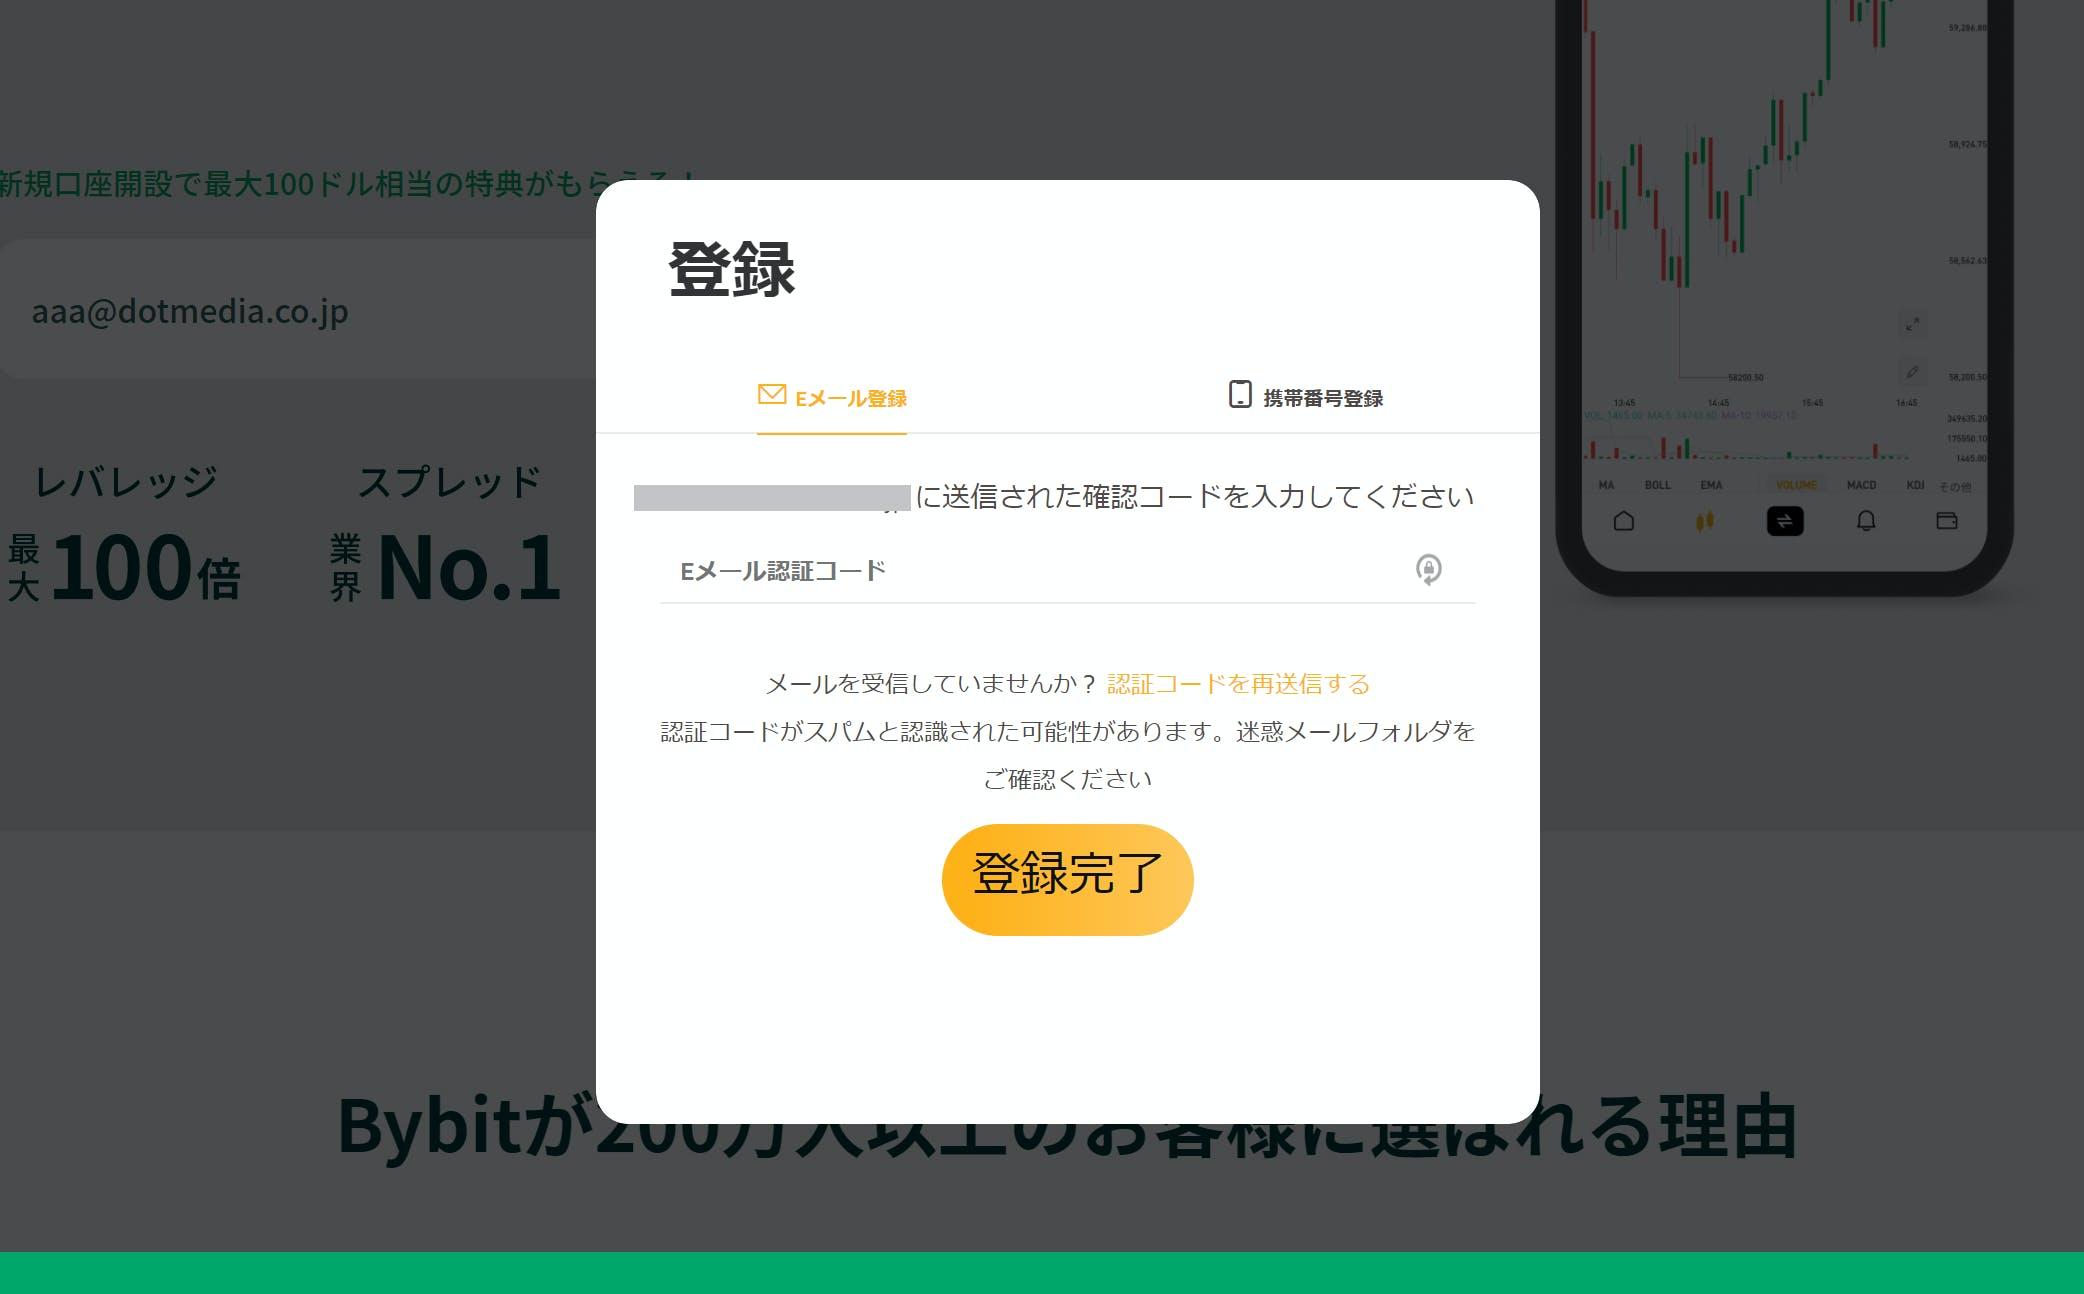 Bybitで認証コードを入力